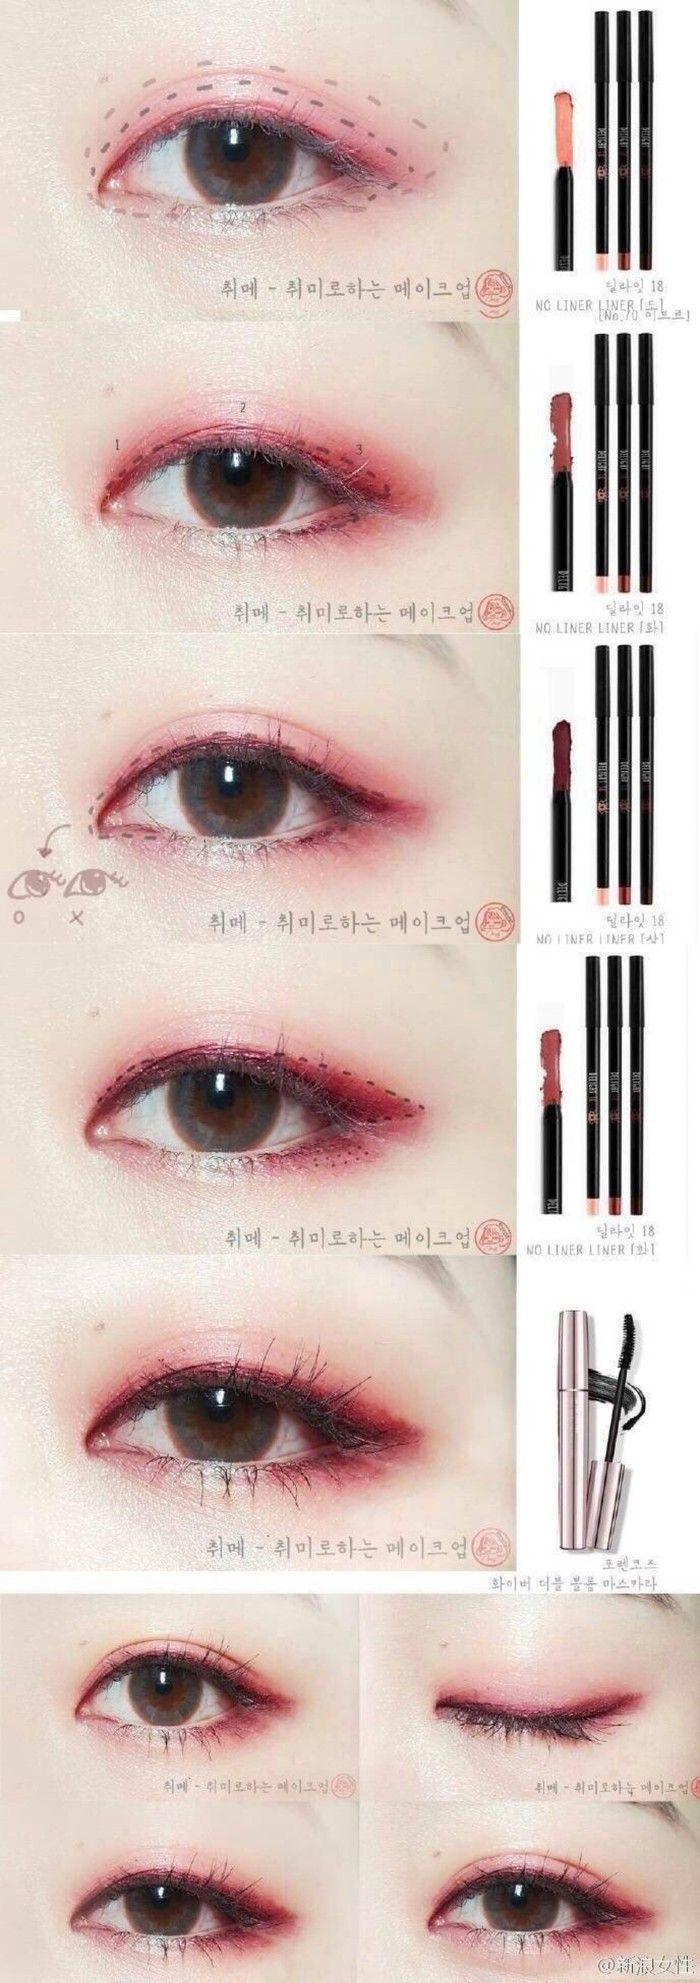 Korean style make up #eye make up #idea                                                                                                                                                                                 More